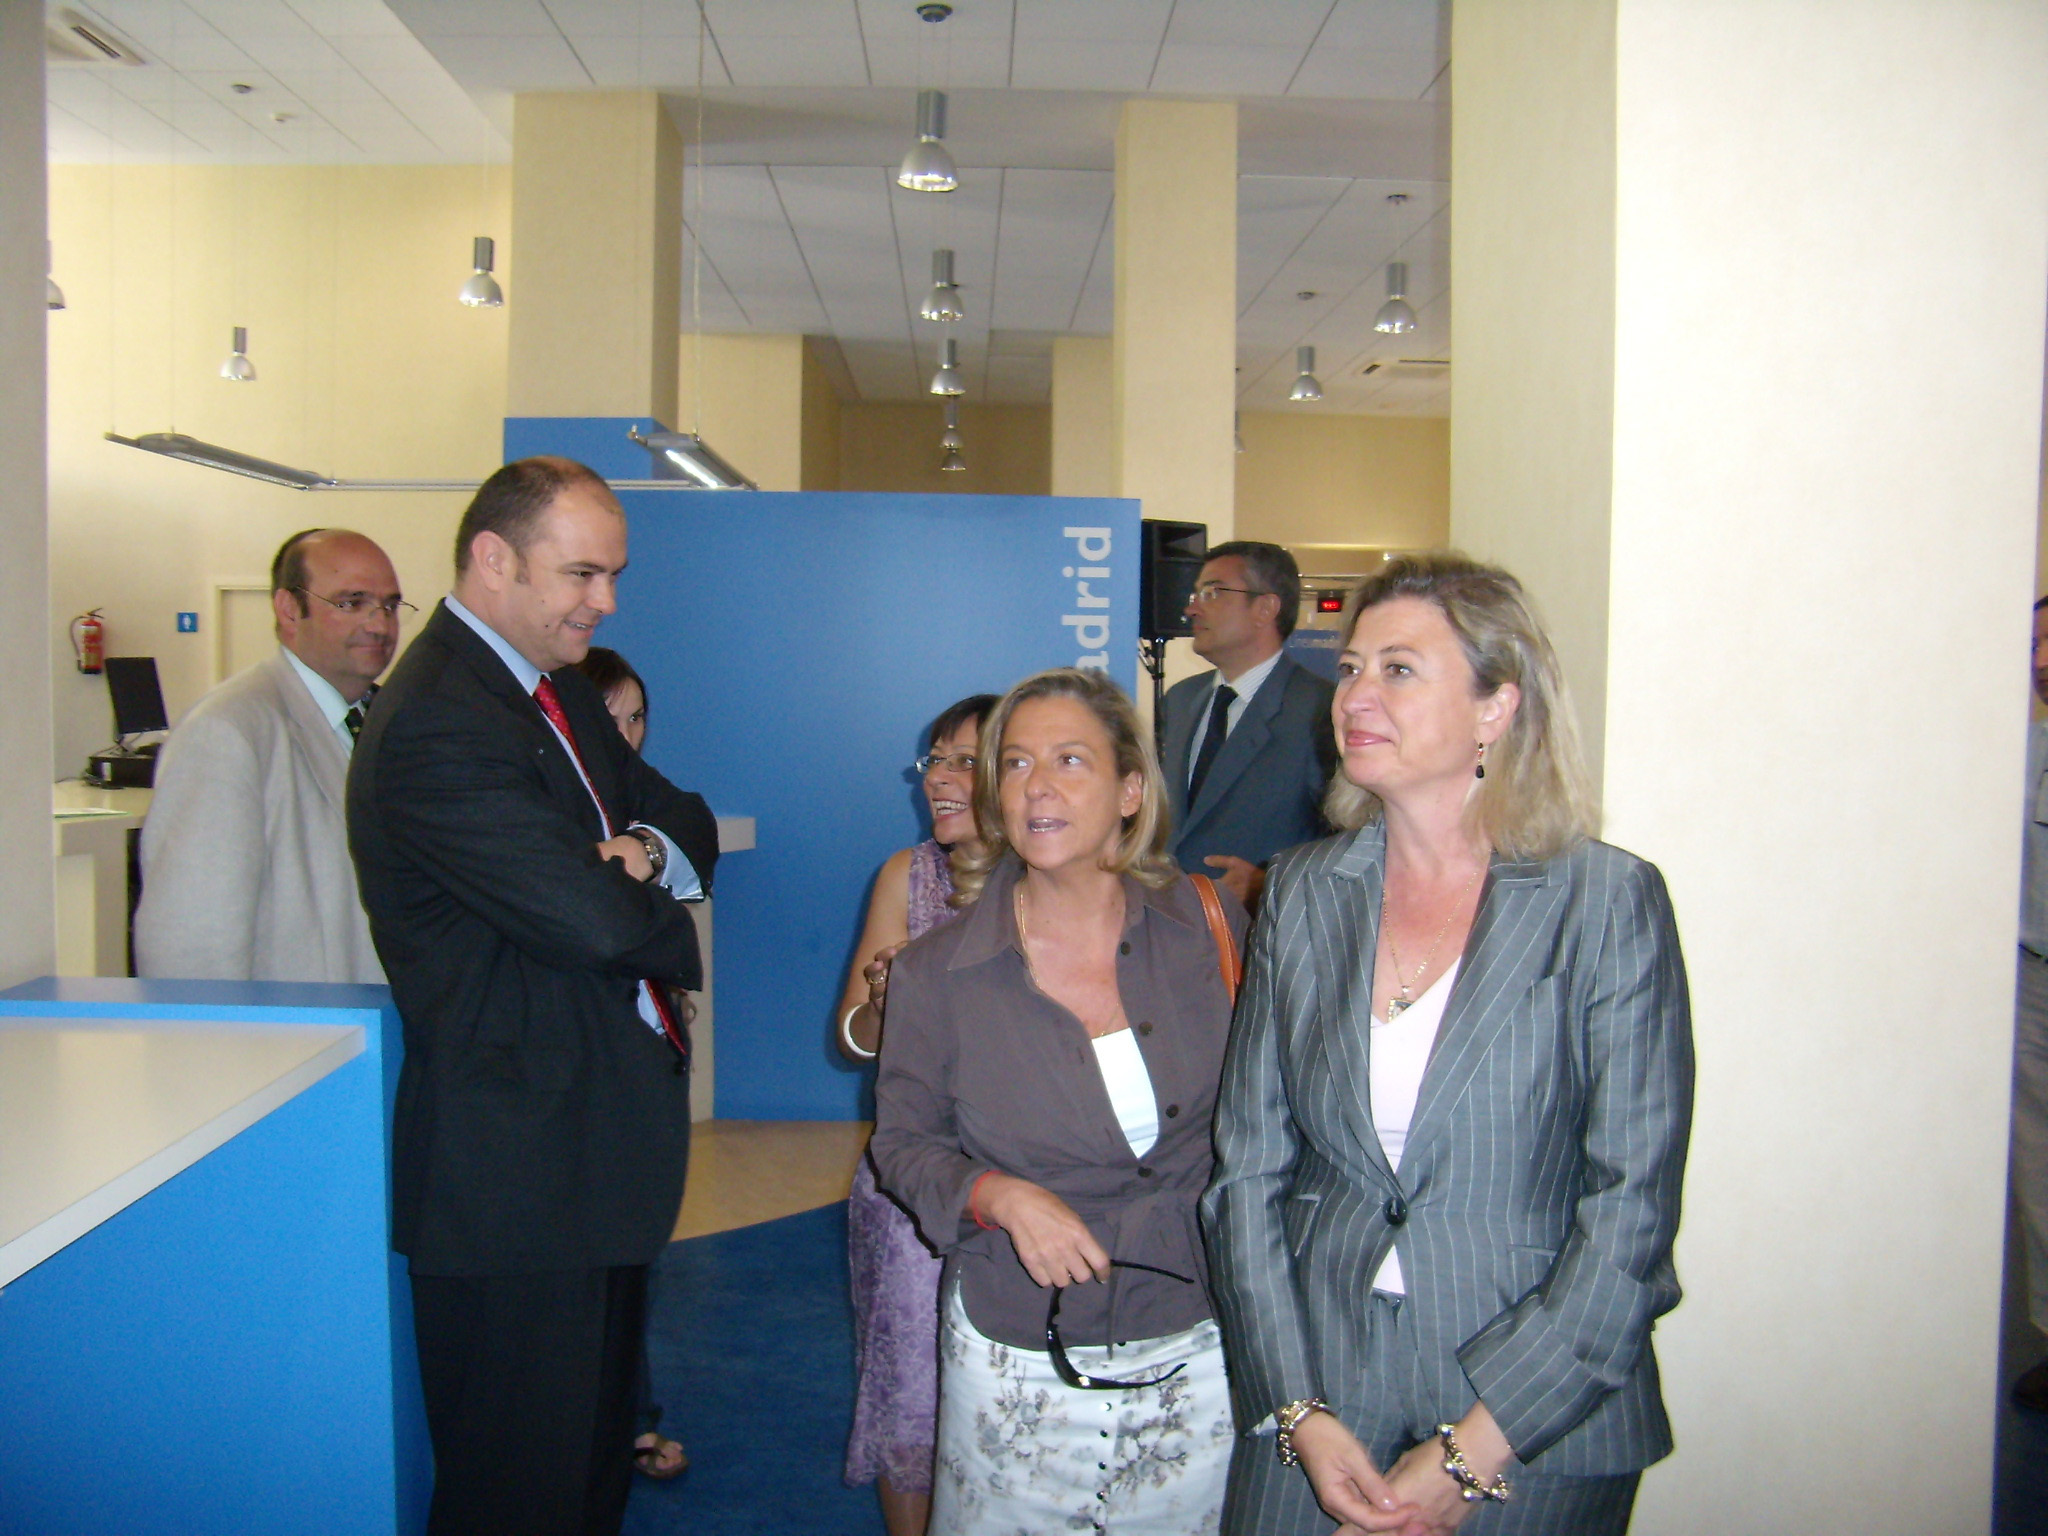 Nueva oficina de atenci n al ciudadano en tetu n - Oficina de atencion al ciudadano madrid ...